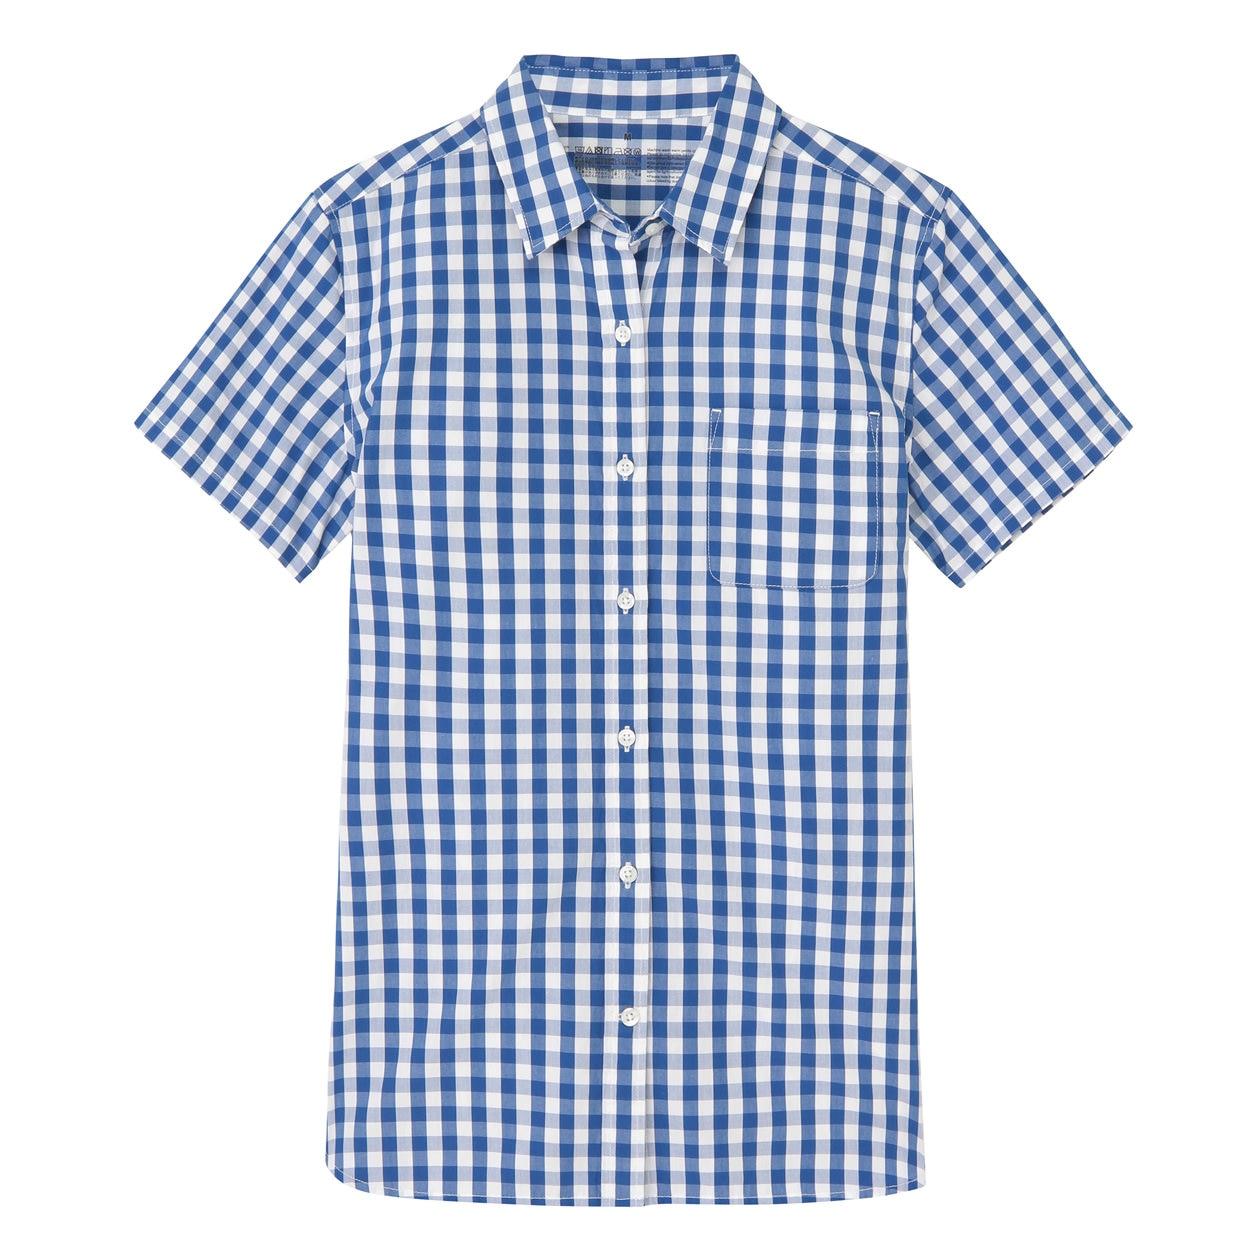 オーガニックコットン洗いざらしチェック半袖シャツ